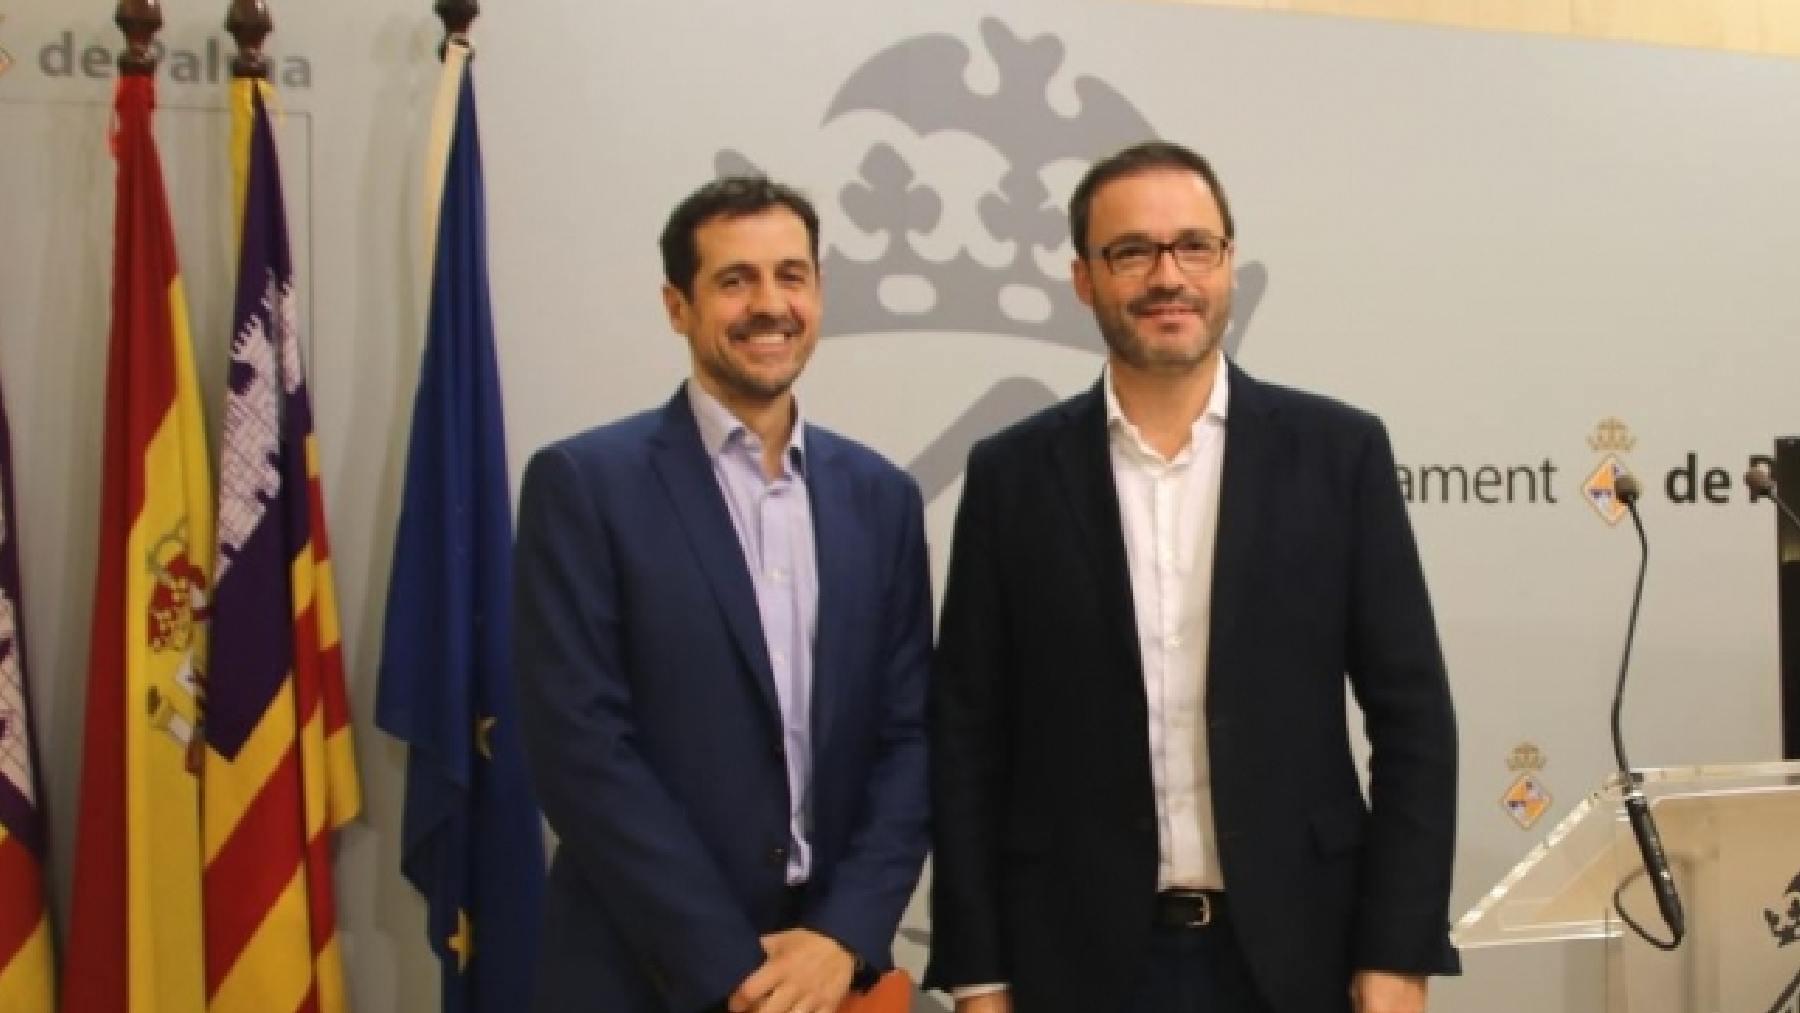 El concejal de Hacienda, Adrián García, y el alcalde de Palma, José Hila.